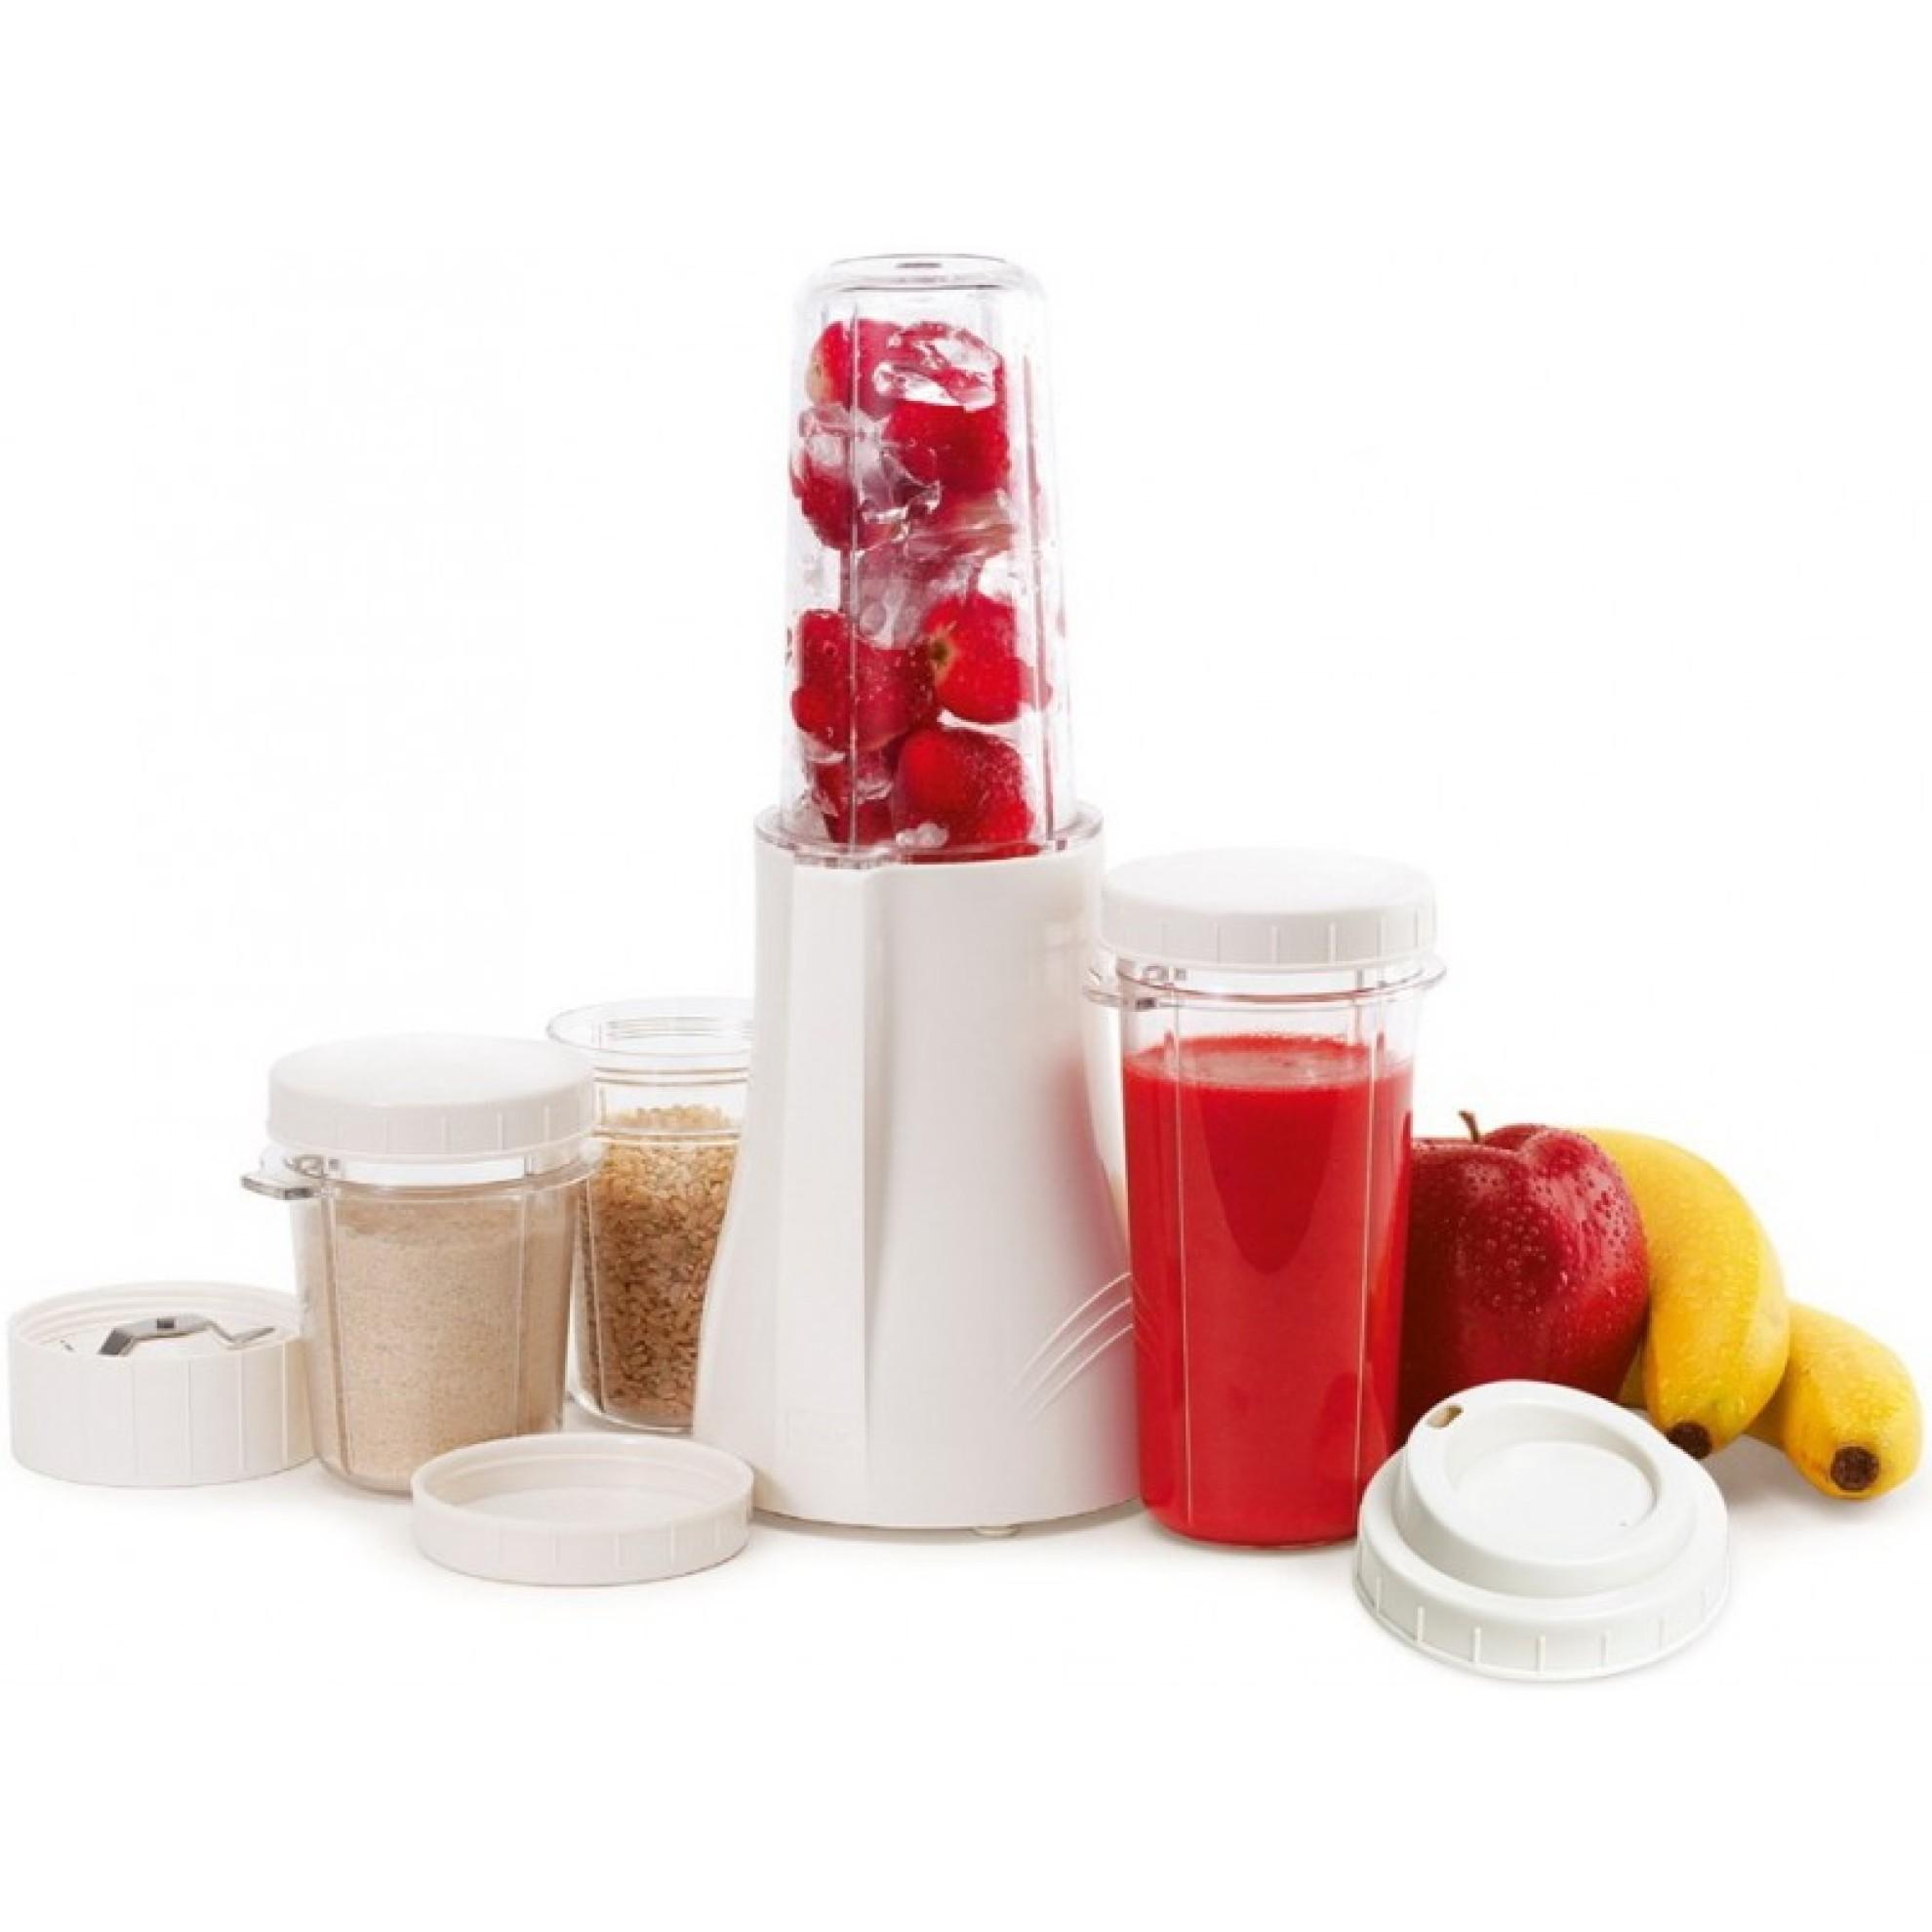 revoblend rb 500 smoothie mixer gr ne smoothies. Black Bedroom Furniture Sets. Home Design Ideas